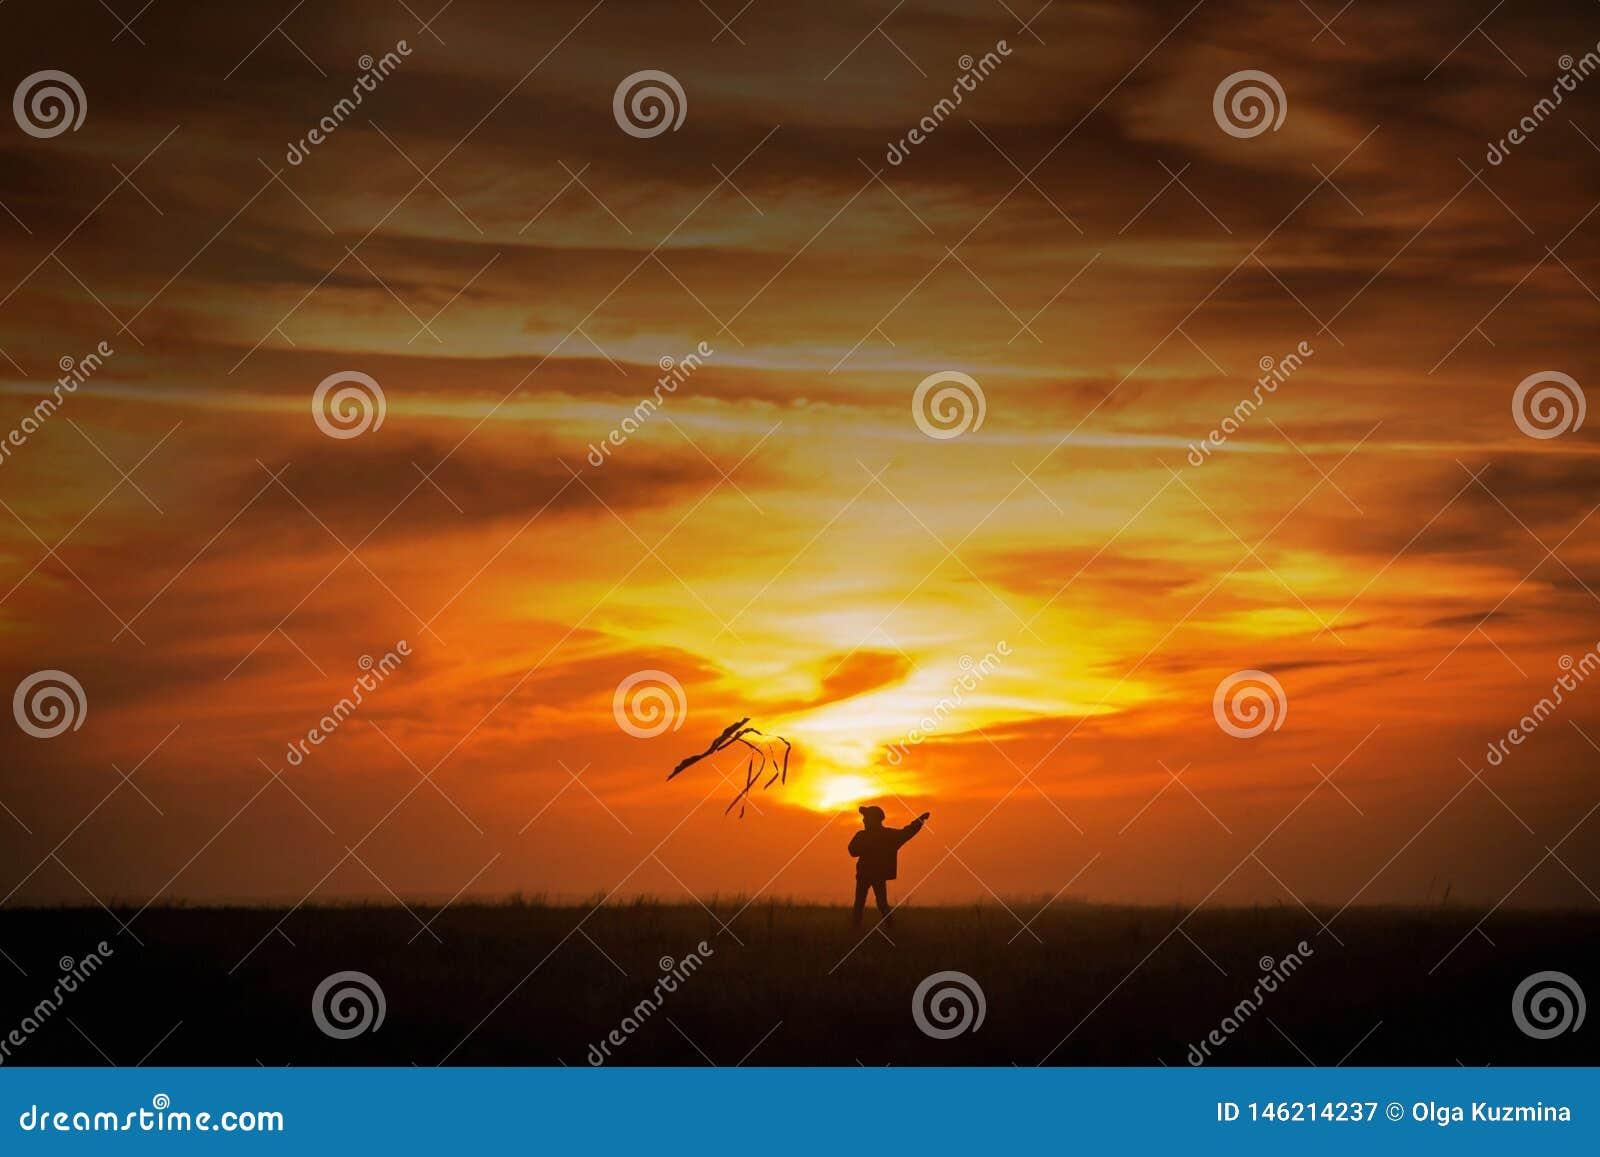 Piloter un cerf-volant Le gar?on court ? travers le champ avec un cerf-volant Silhouette d un enfant contre le ciel Coucher du so